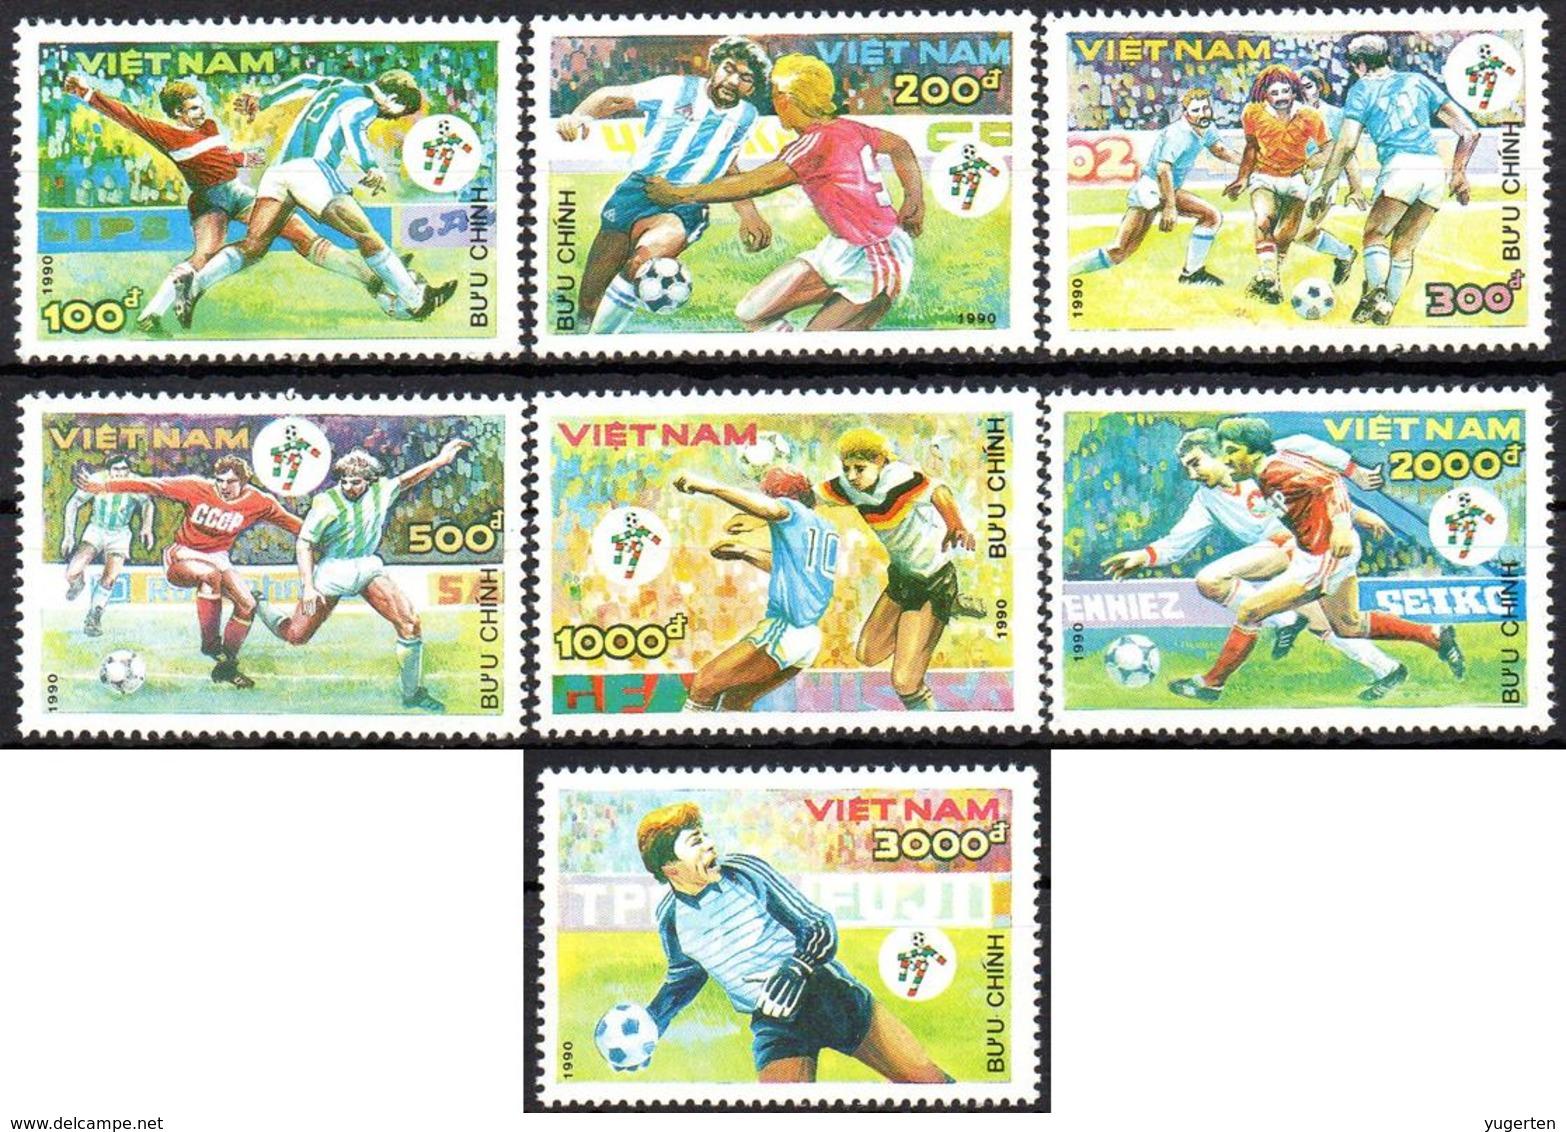 VIETNAM 1990 - 7v - MNH - FIFA World Cup Football Italy Futbol Futebol Soccer Calcio Italia - Fußball Футбол 足球 - Wereldkampioenschap